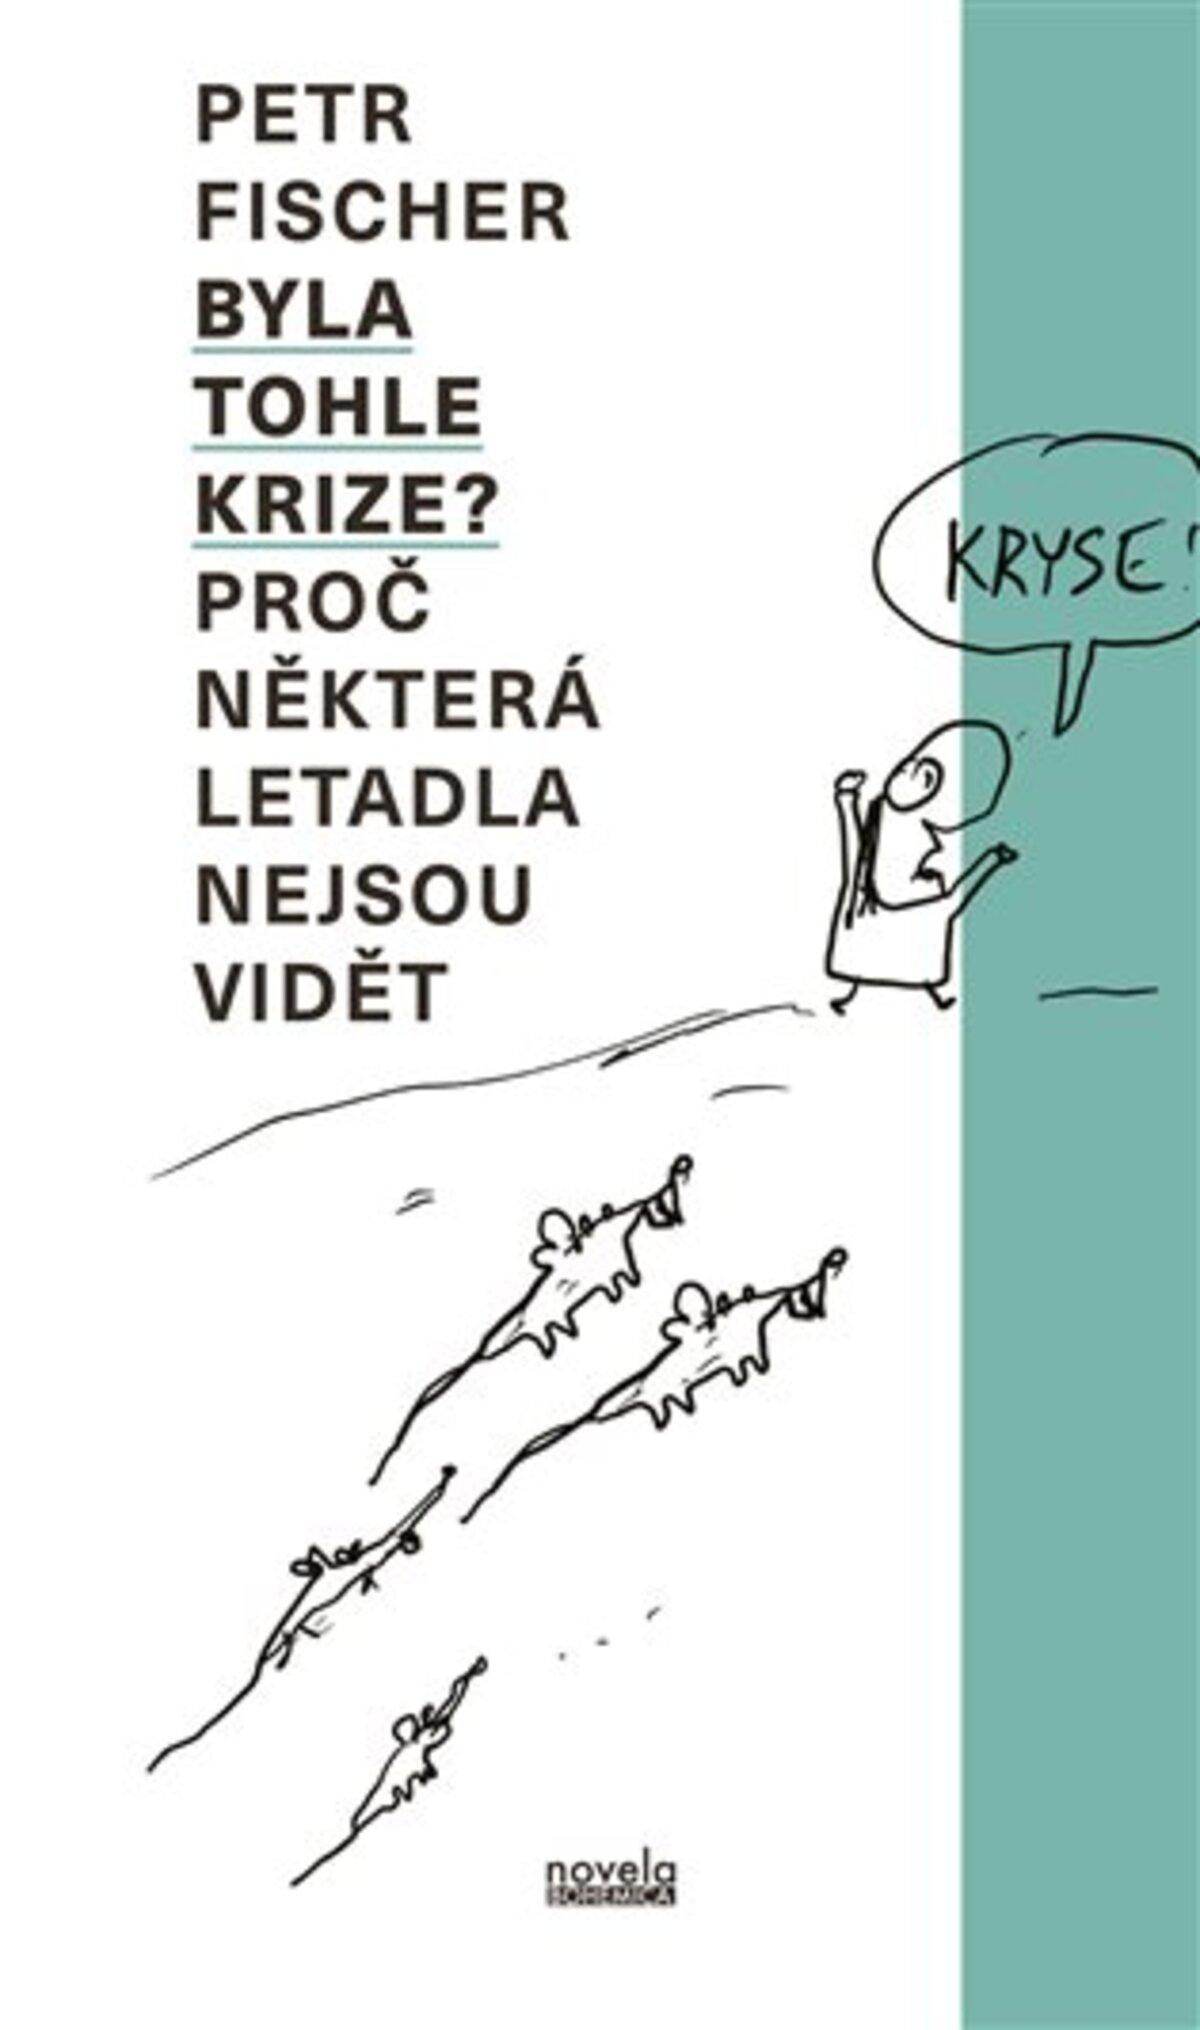 Zdroj: Novela Bohemica